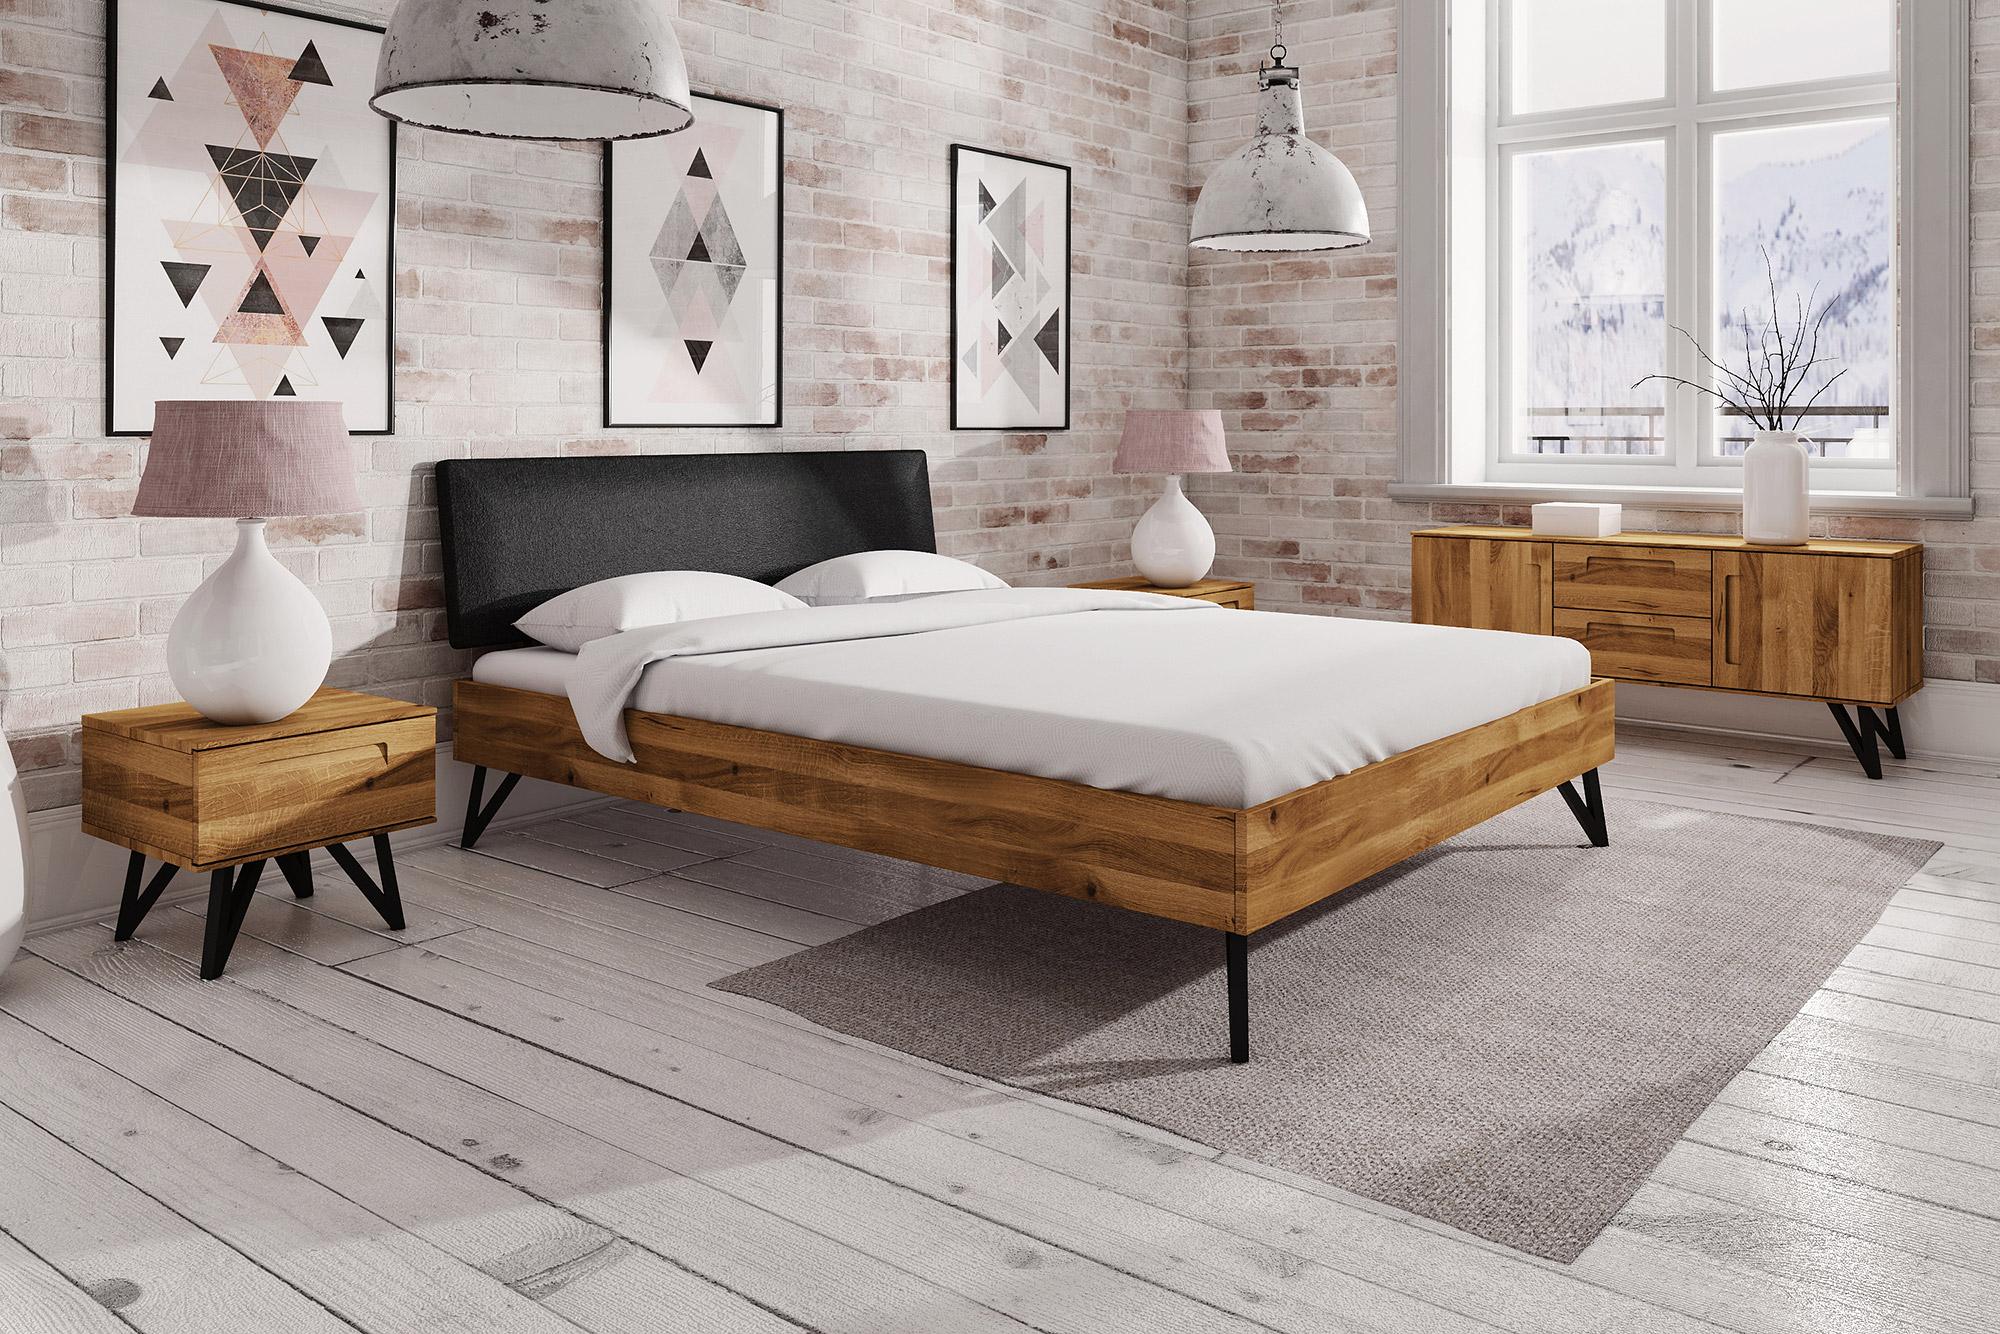 Zdjęcie 2 - GOLO - Kolekcja mebli do sypialni z drewna litego